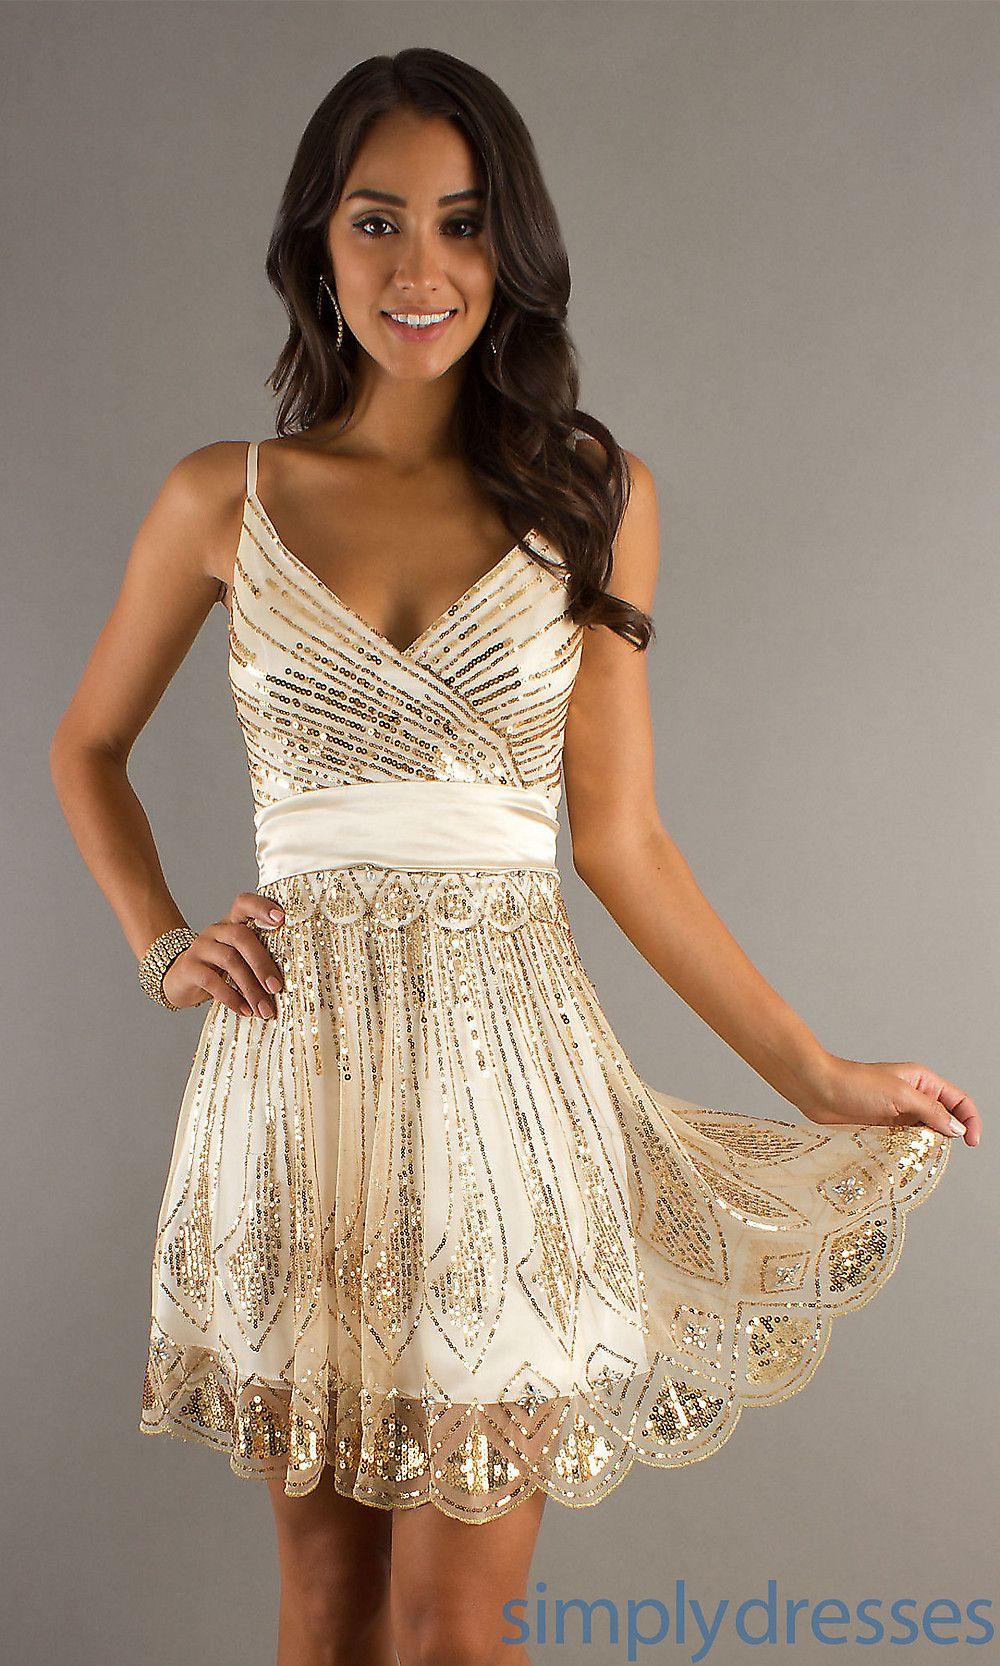 Dress sequin embellished vneck short dress simply dresses gold